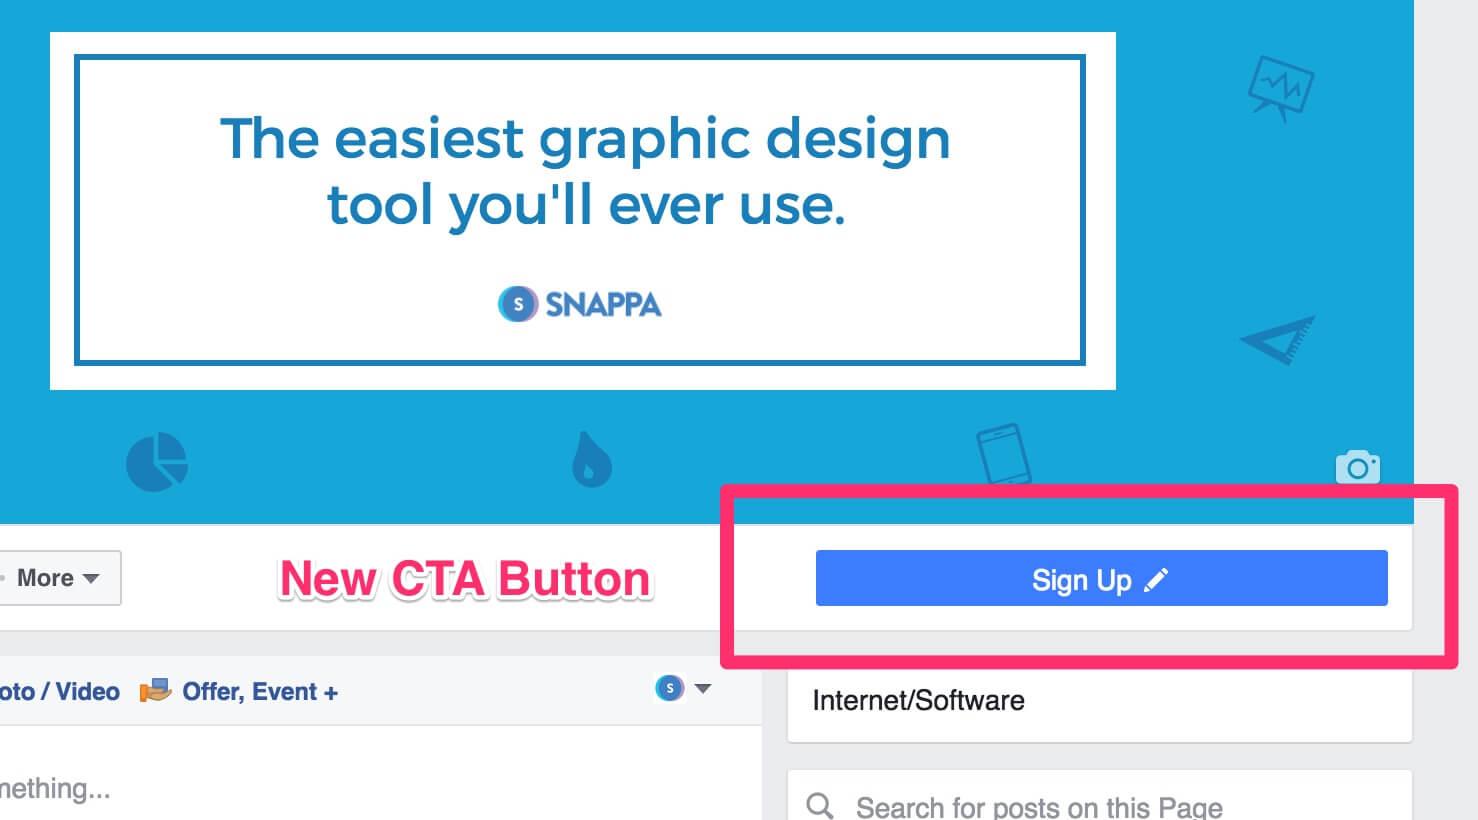 New CTA button